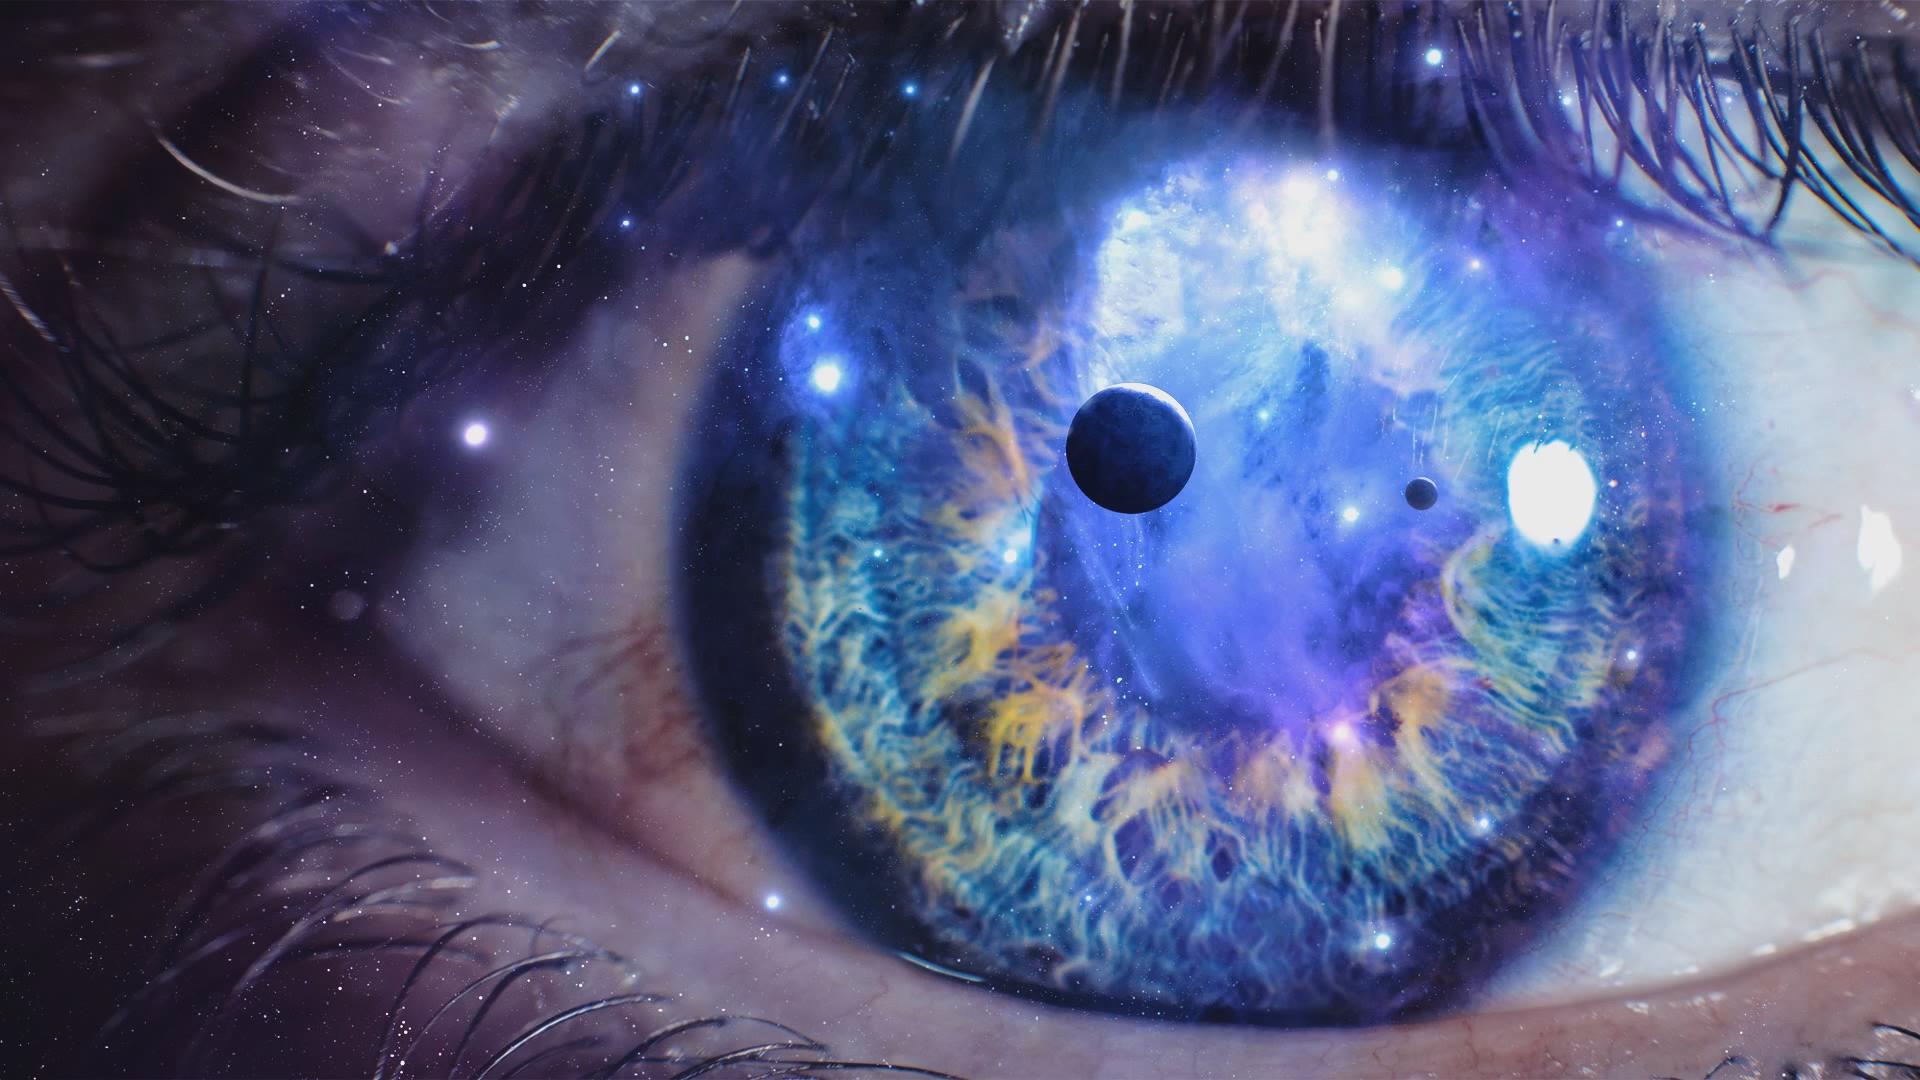 было хотел фото глаз во вселенной нежно розовые округлые